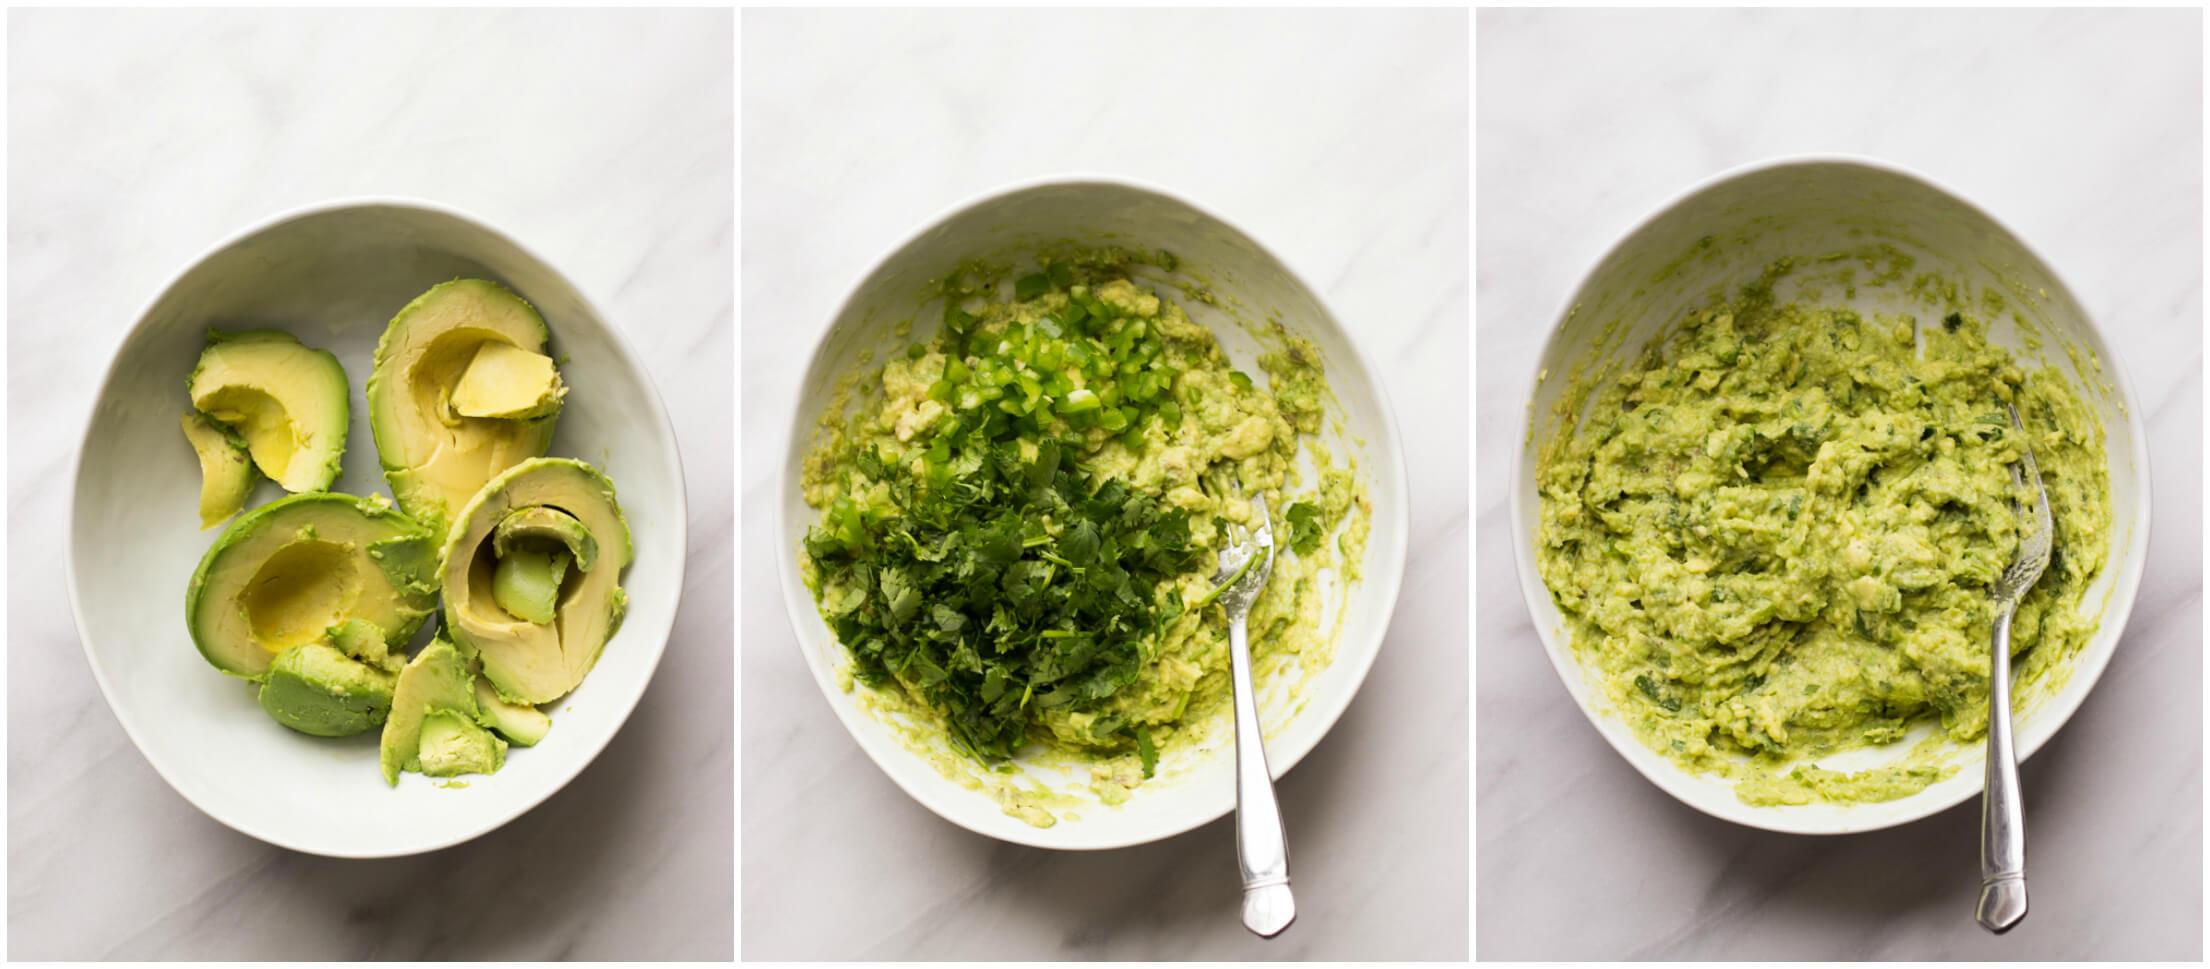 Healthy Veggie Rolls - vegan, vegetarian and completely raw!   littlebroken.com @littlebroken